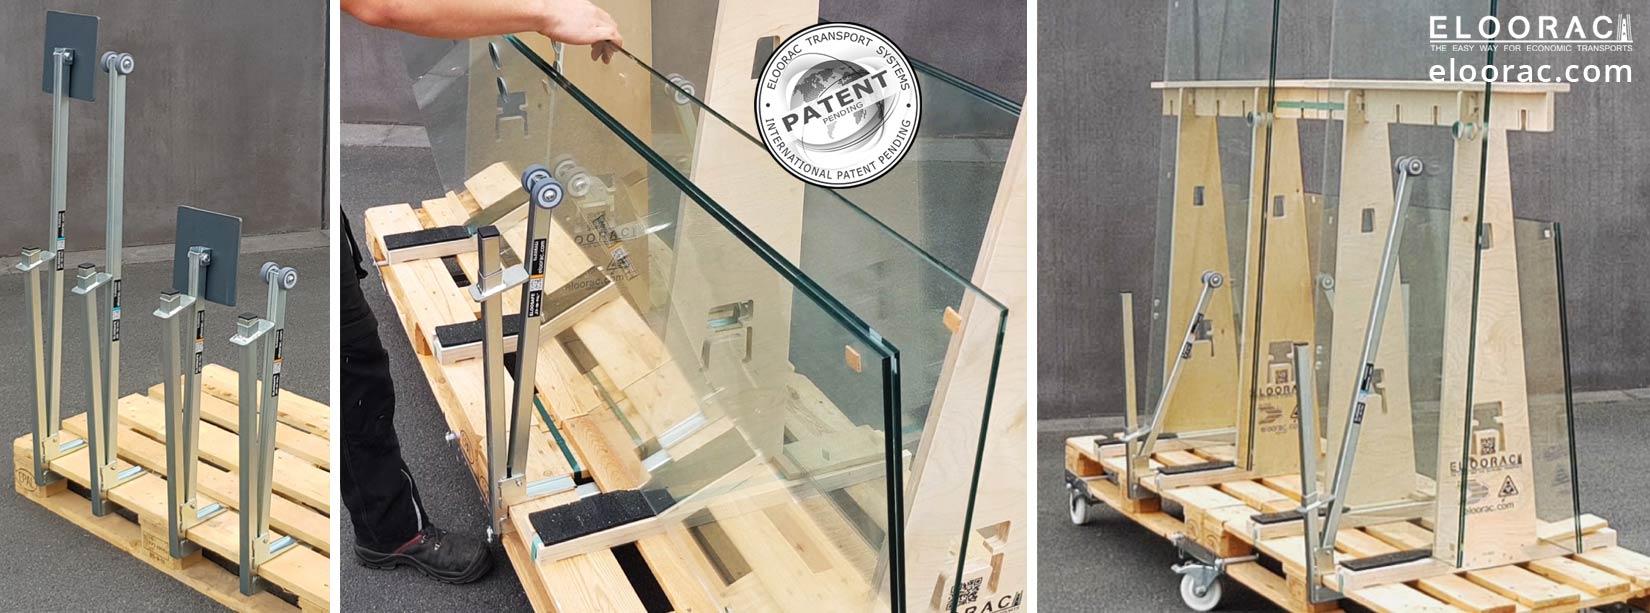 Eloosafe Spannklemme Glassicherungs Klemme von Eloorac für Europaletten, EPAL oder anderen Holz Paletten